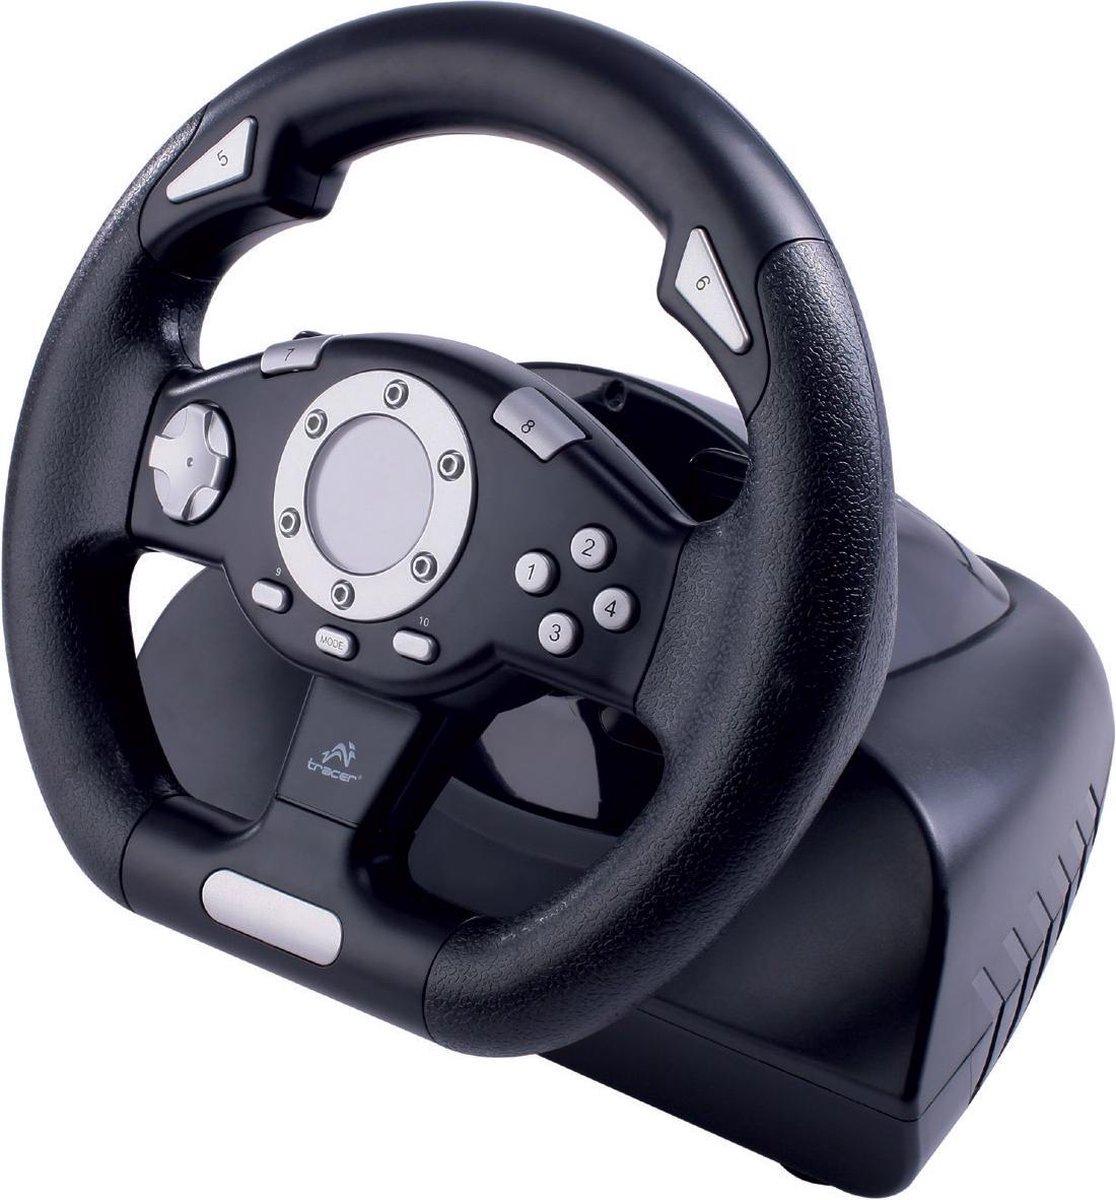 Tracer - PC Gaming Stuurwiel Sierra - Met een racegame